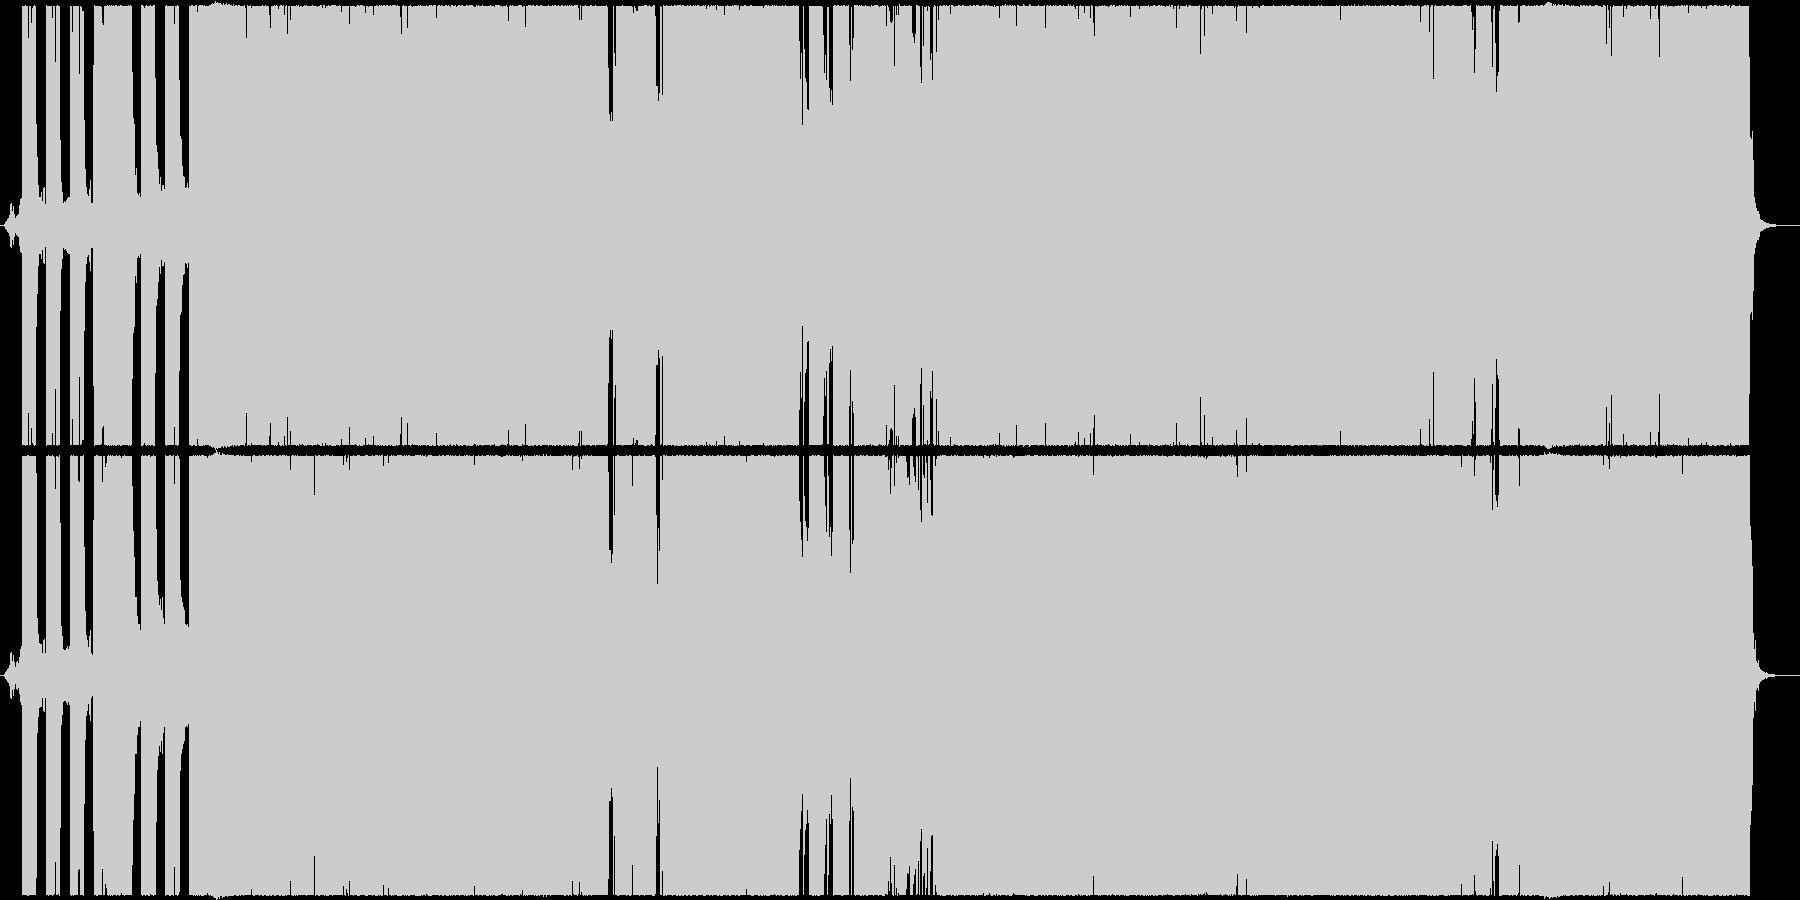 ダークで重々しいヘビーメタル風の未再生の波形